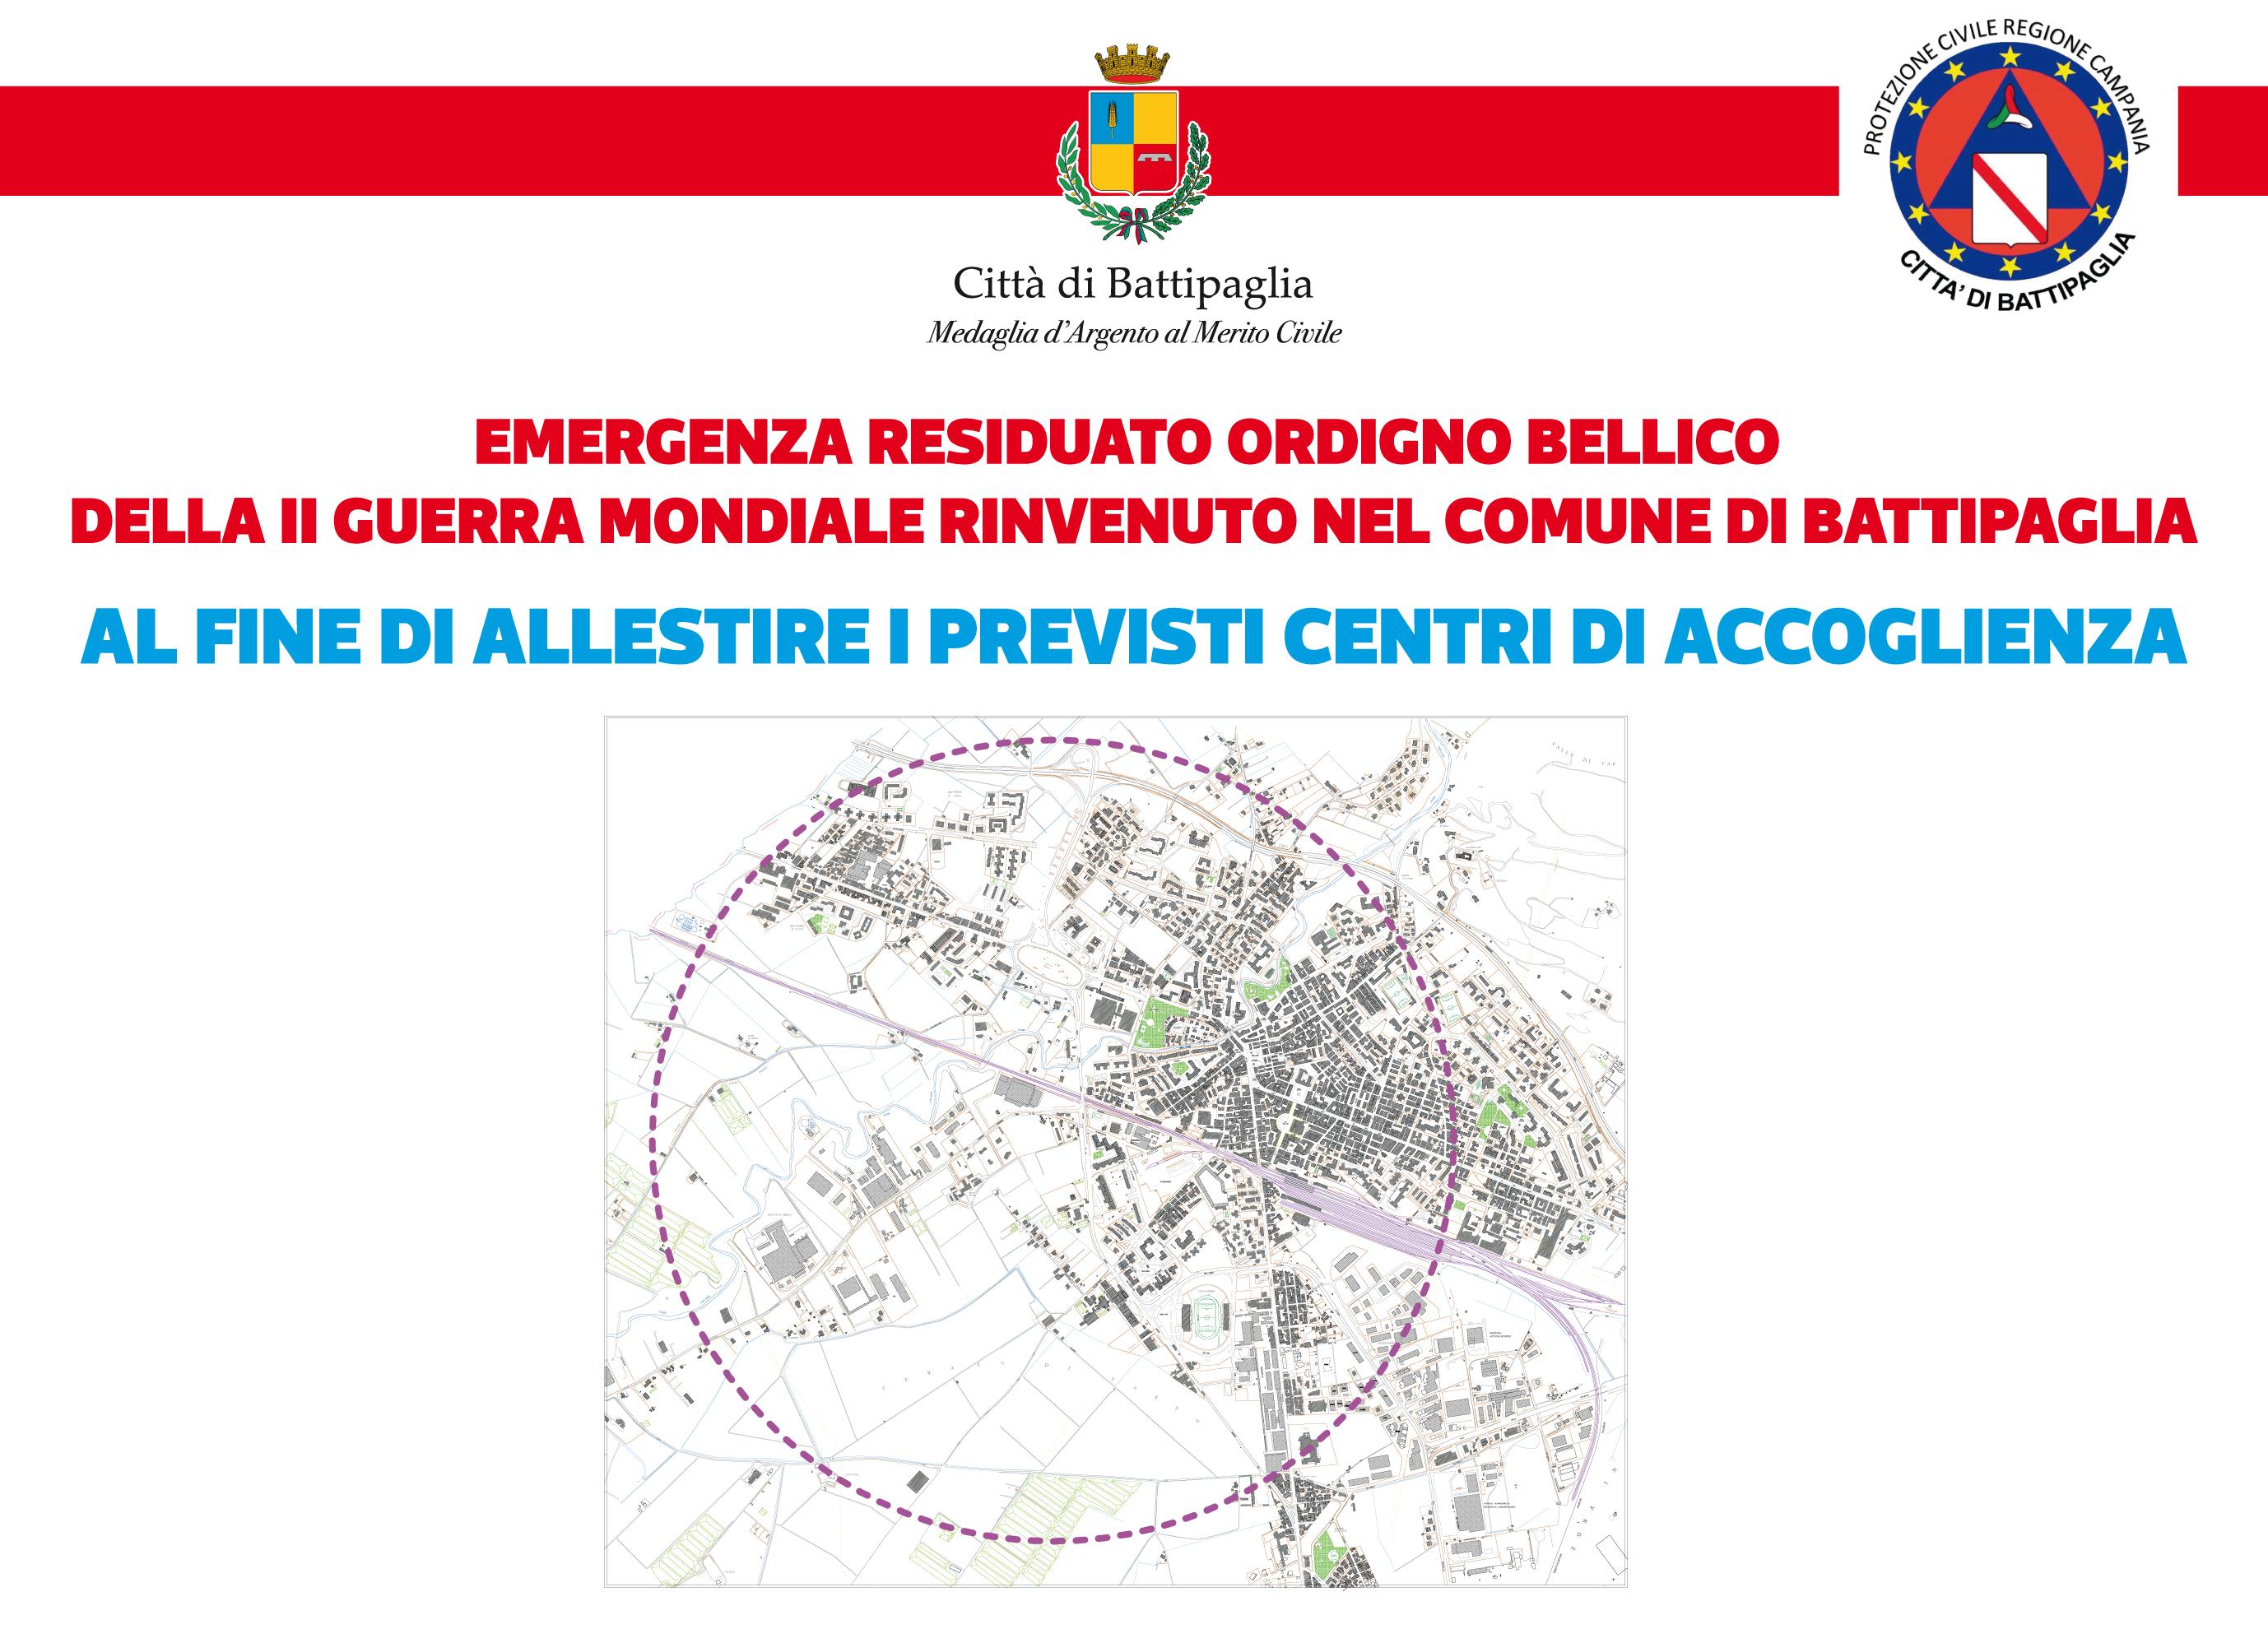 Evacuazione Per Il Bomba-day: Chi Ha Difficoltà A Lasciare Casa, Chiami Il 3351537223